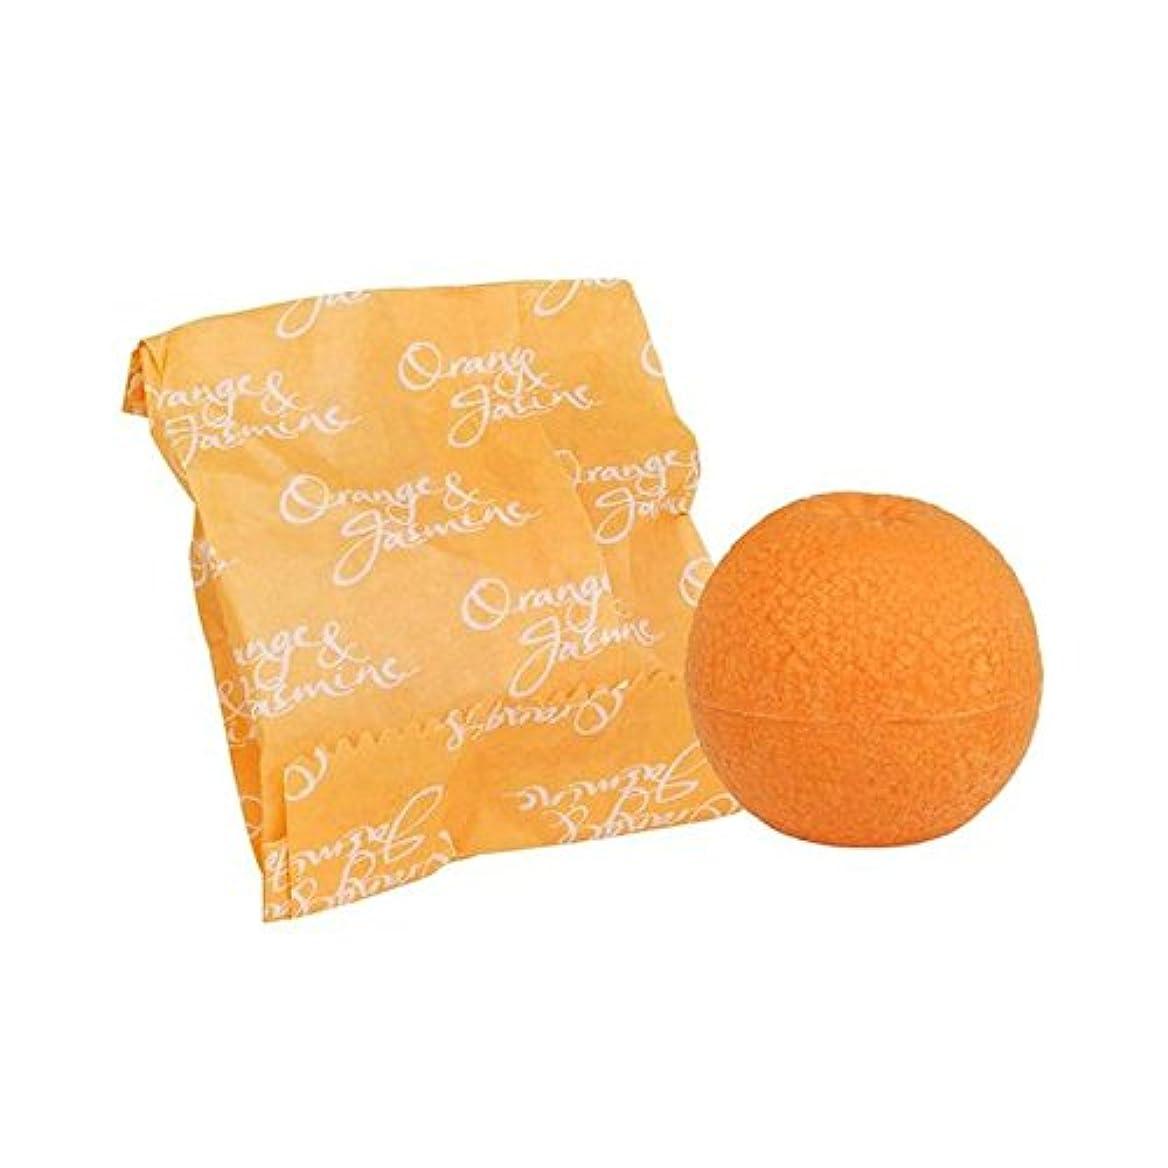 代わって極貧資本主義オレンジ&ジャスミン石鹸100グラム x4 - Bronnley Orange & Jasmine Soap 100g (Pack of 4) [並行輸入品]